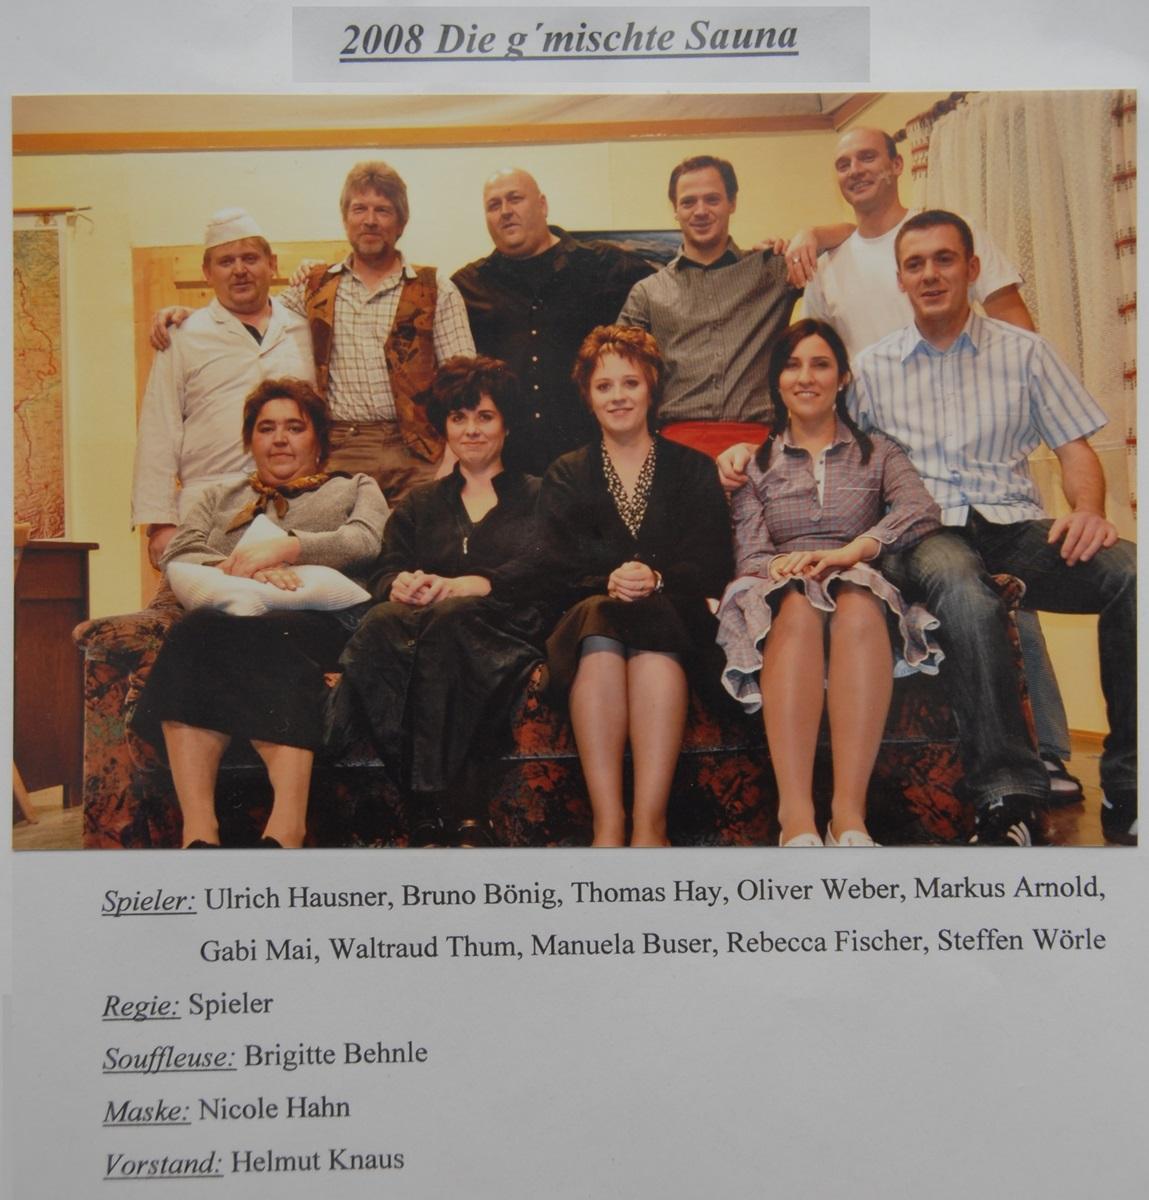 KSC-Theater-2008-Die-gmischte-Sauna